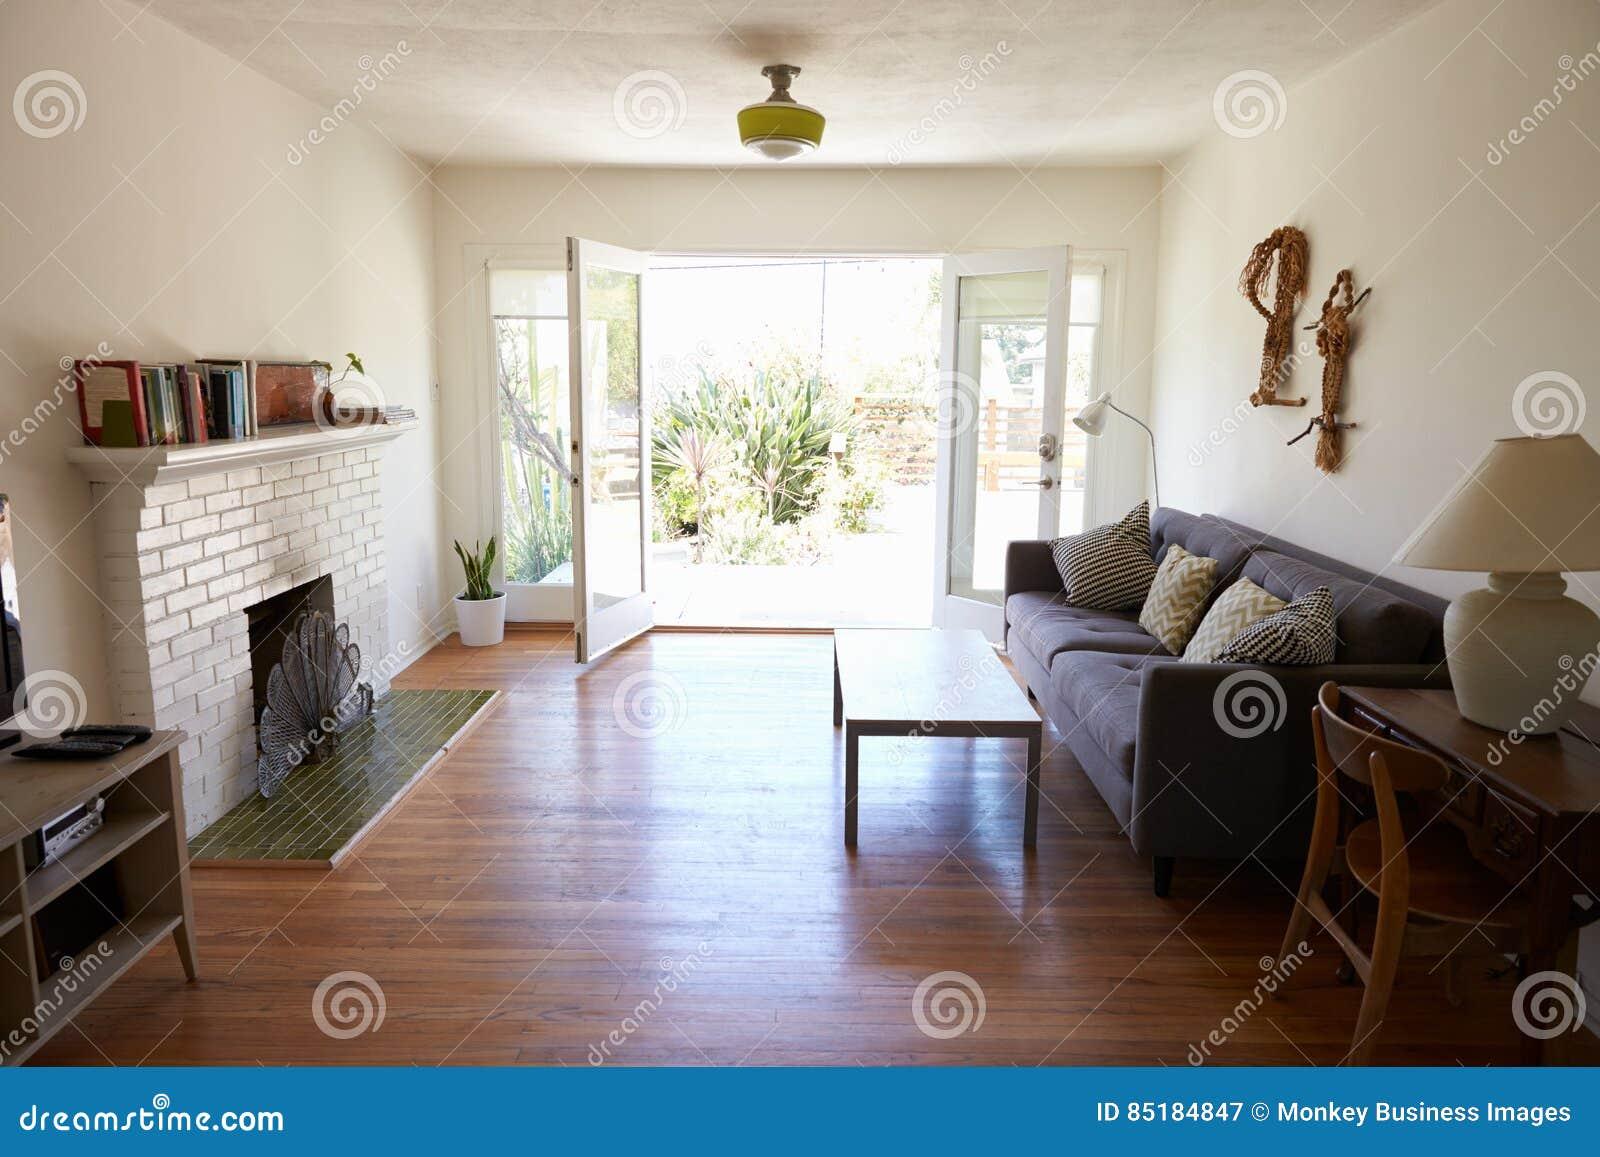 Interno del salotto moderno con il francese aperto windows for Interno moderno